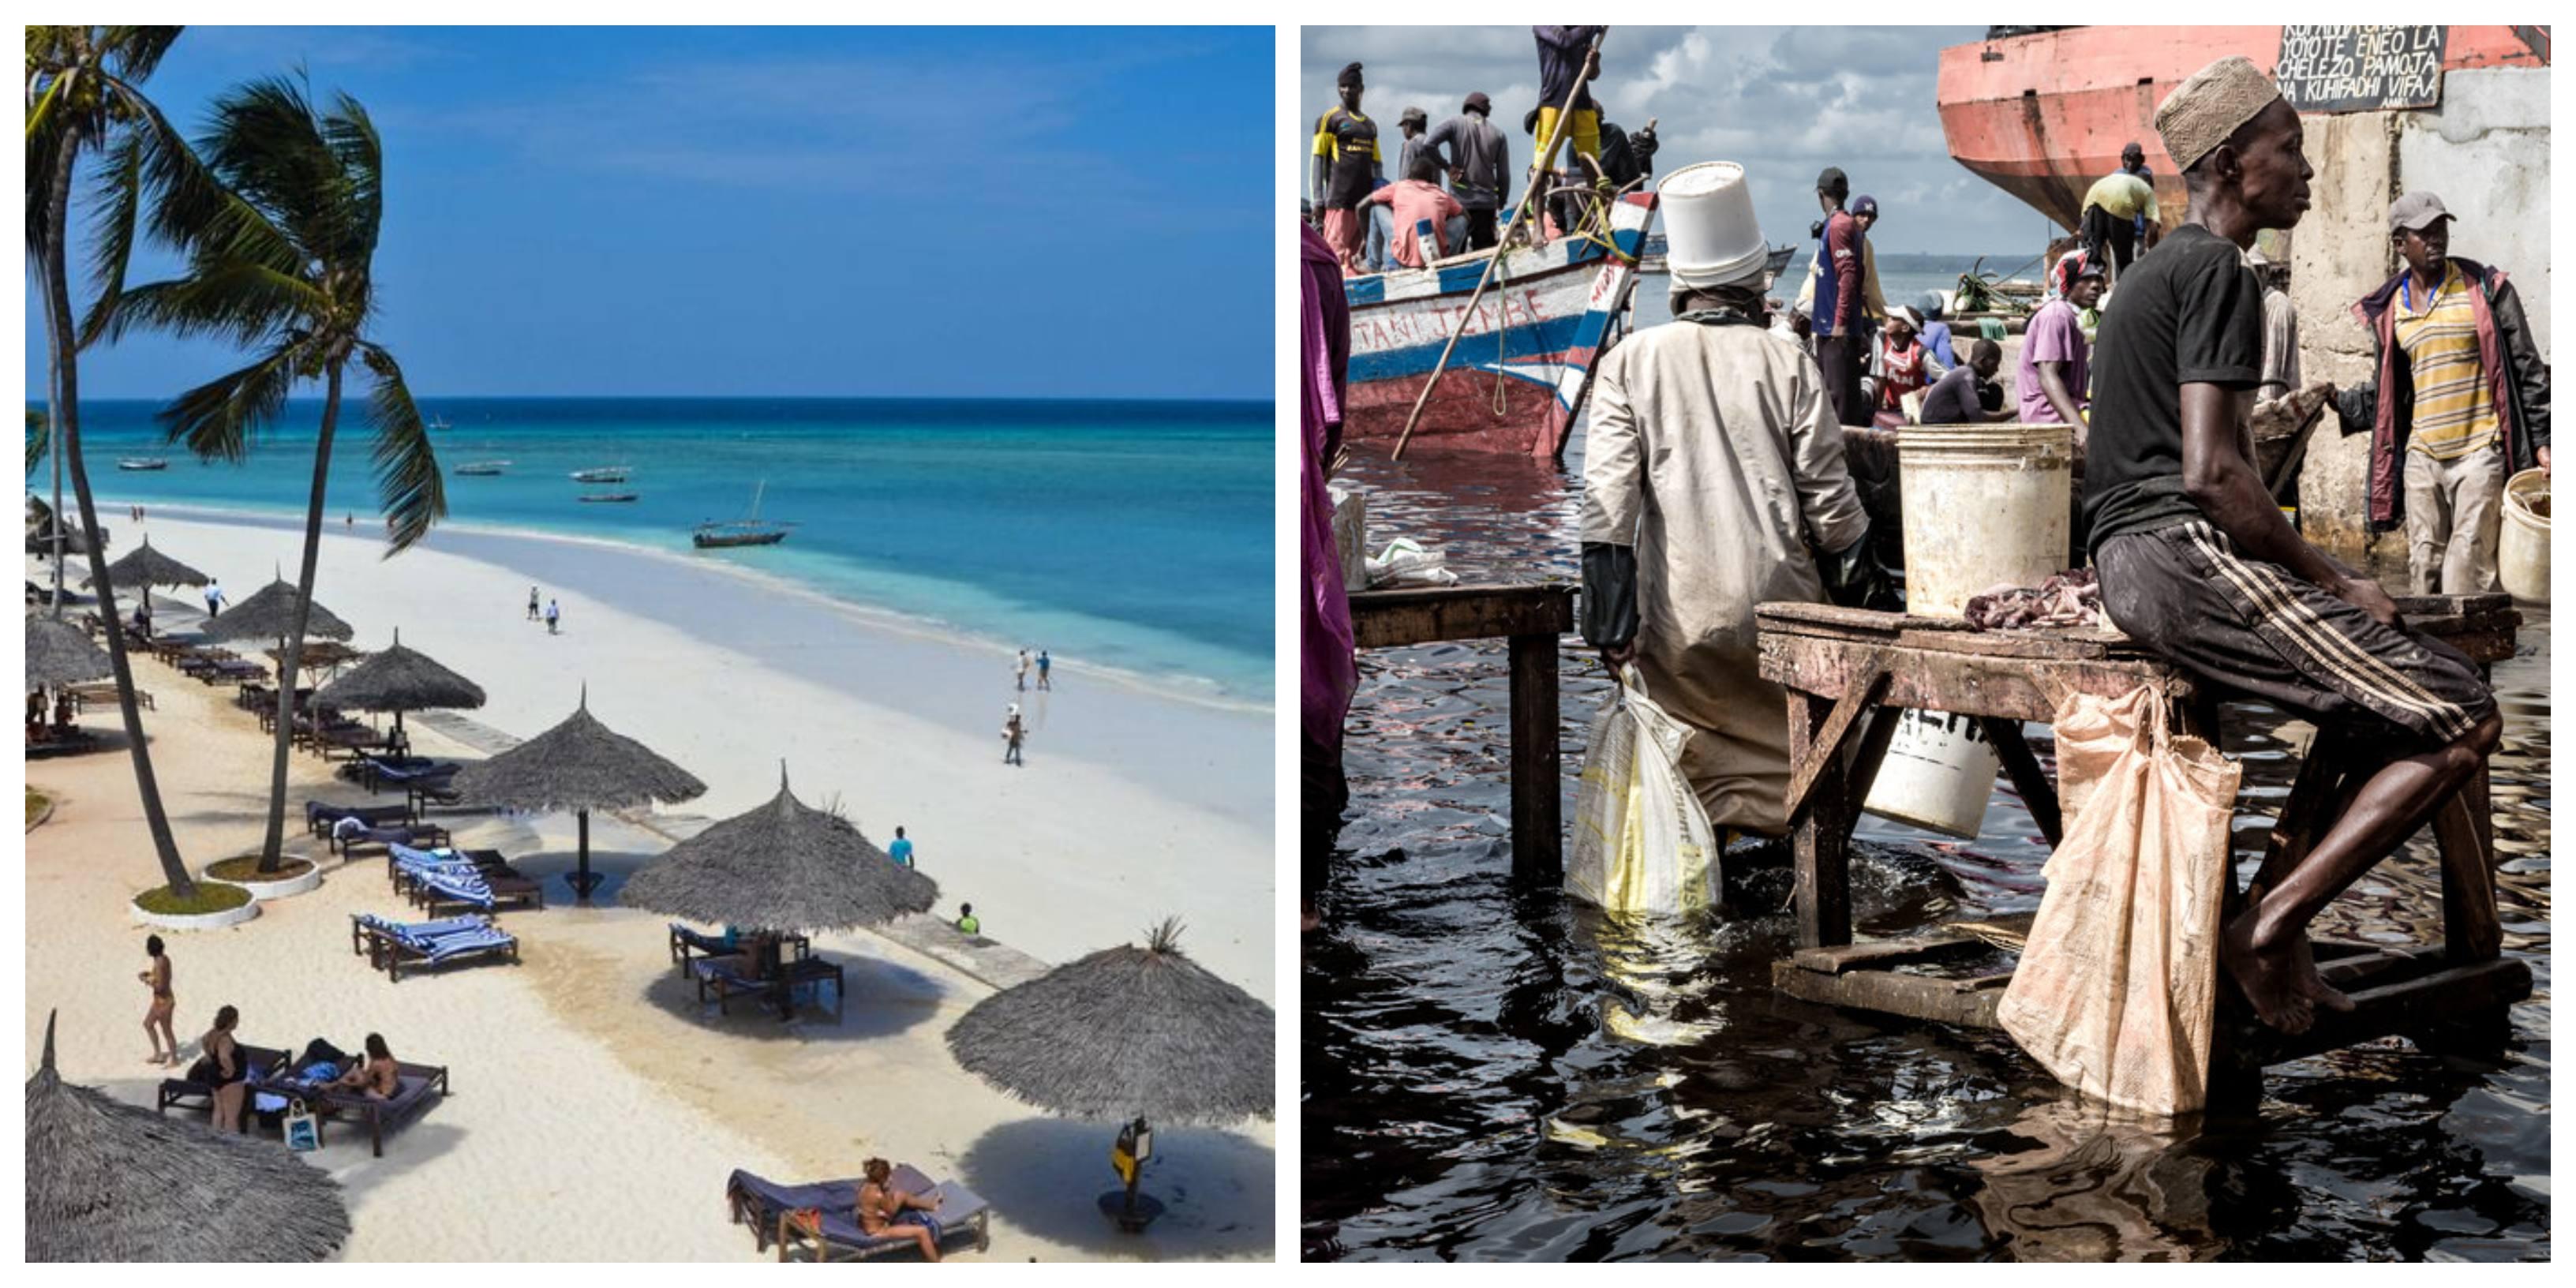 Zanzibar'ın iki farklı yüzü - cennet plajlar ve yoksul halk